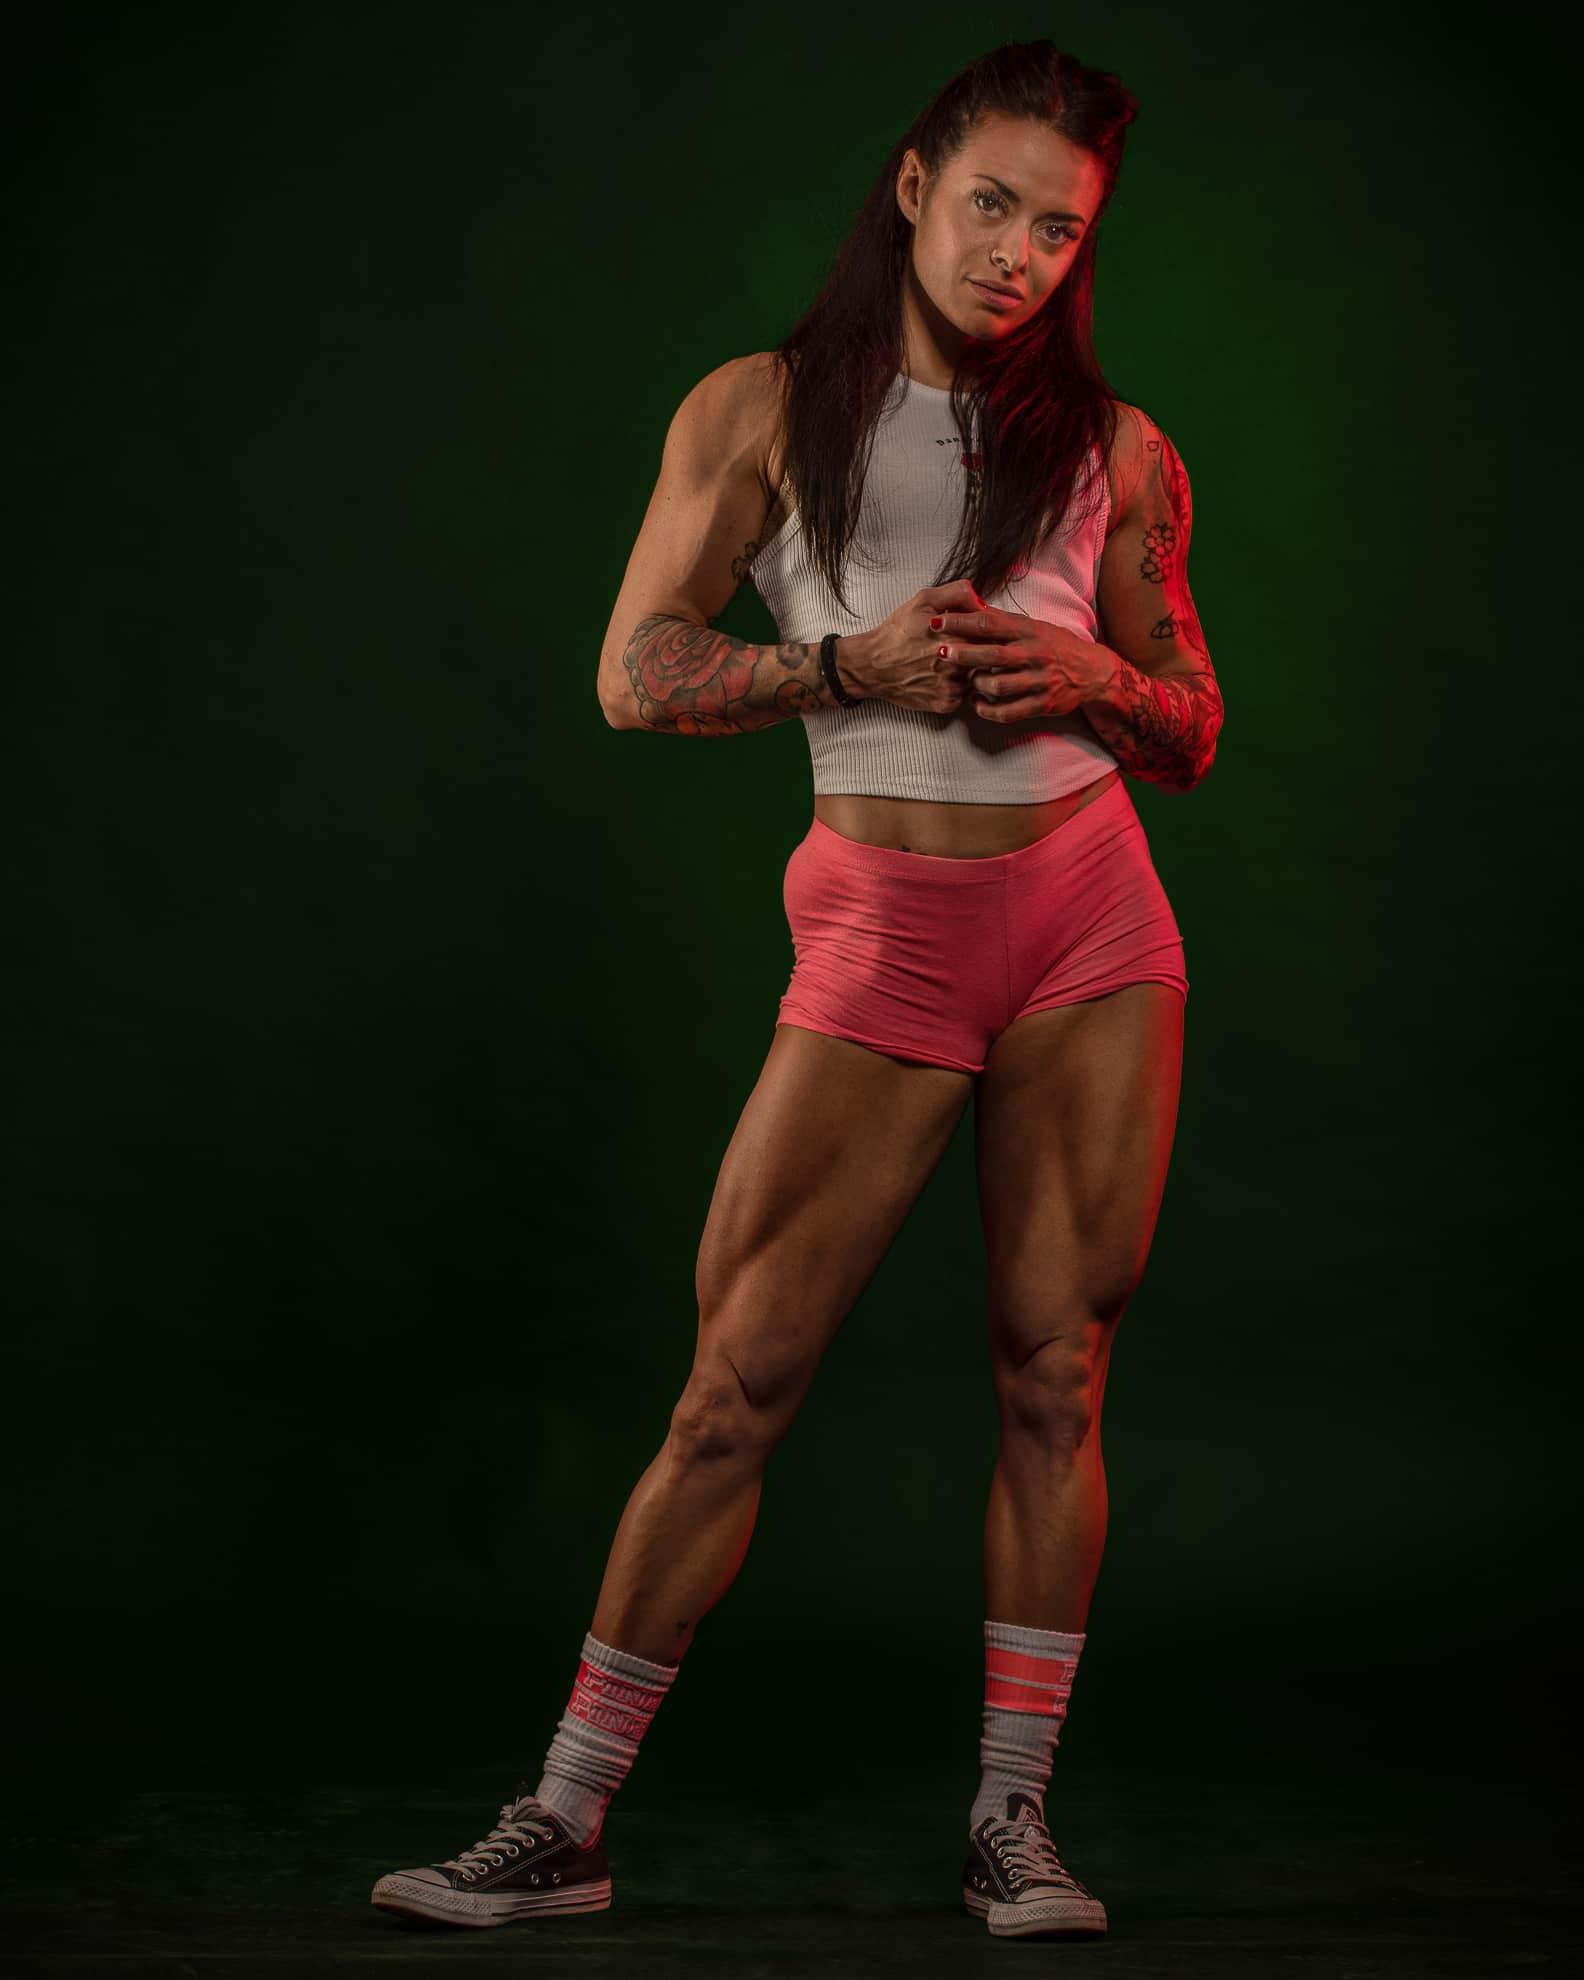 ragazza con gambe muscolose in studio fotografico con luce verde sullo sfondo